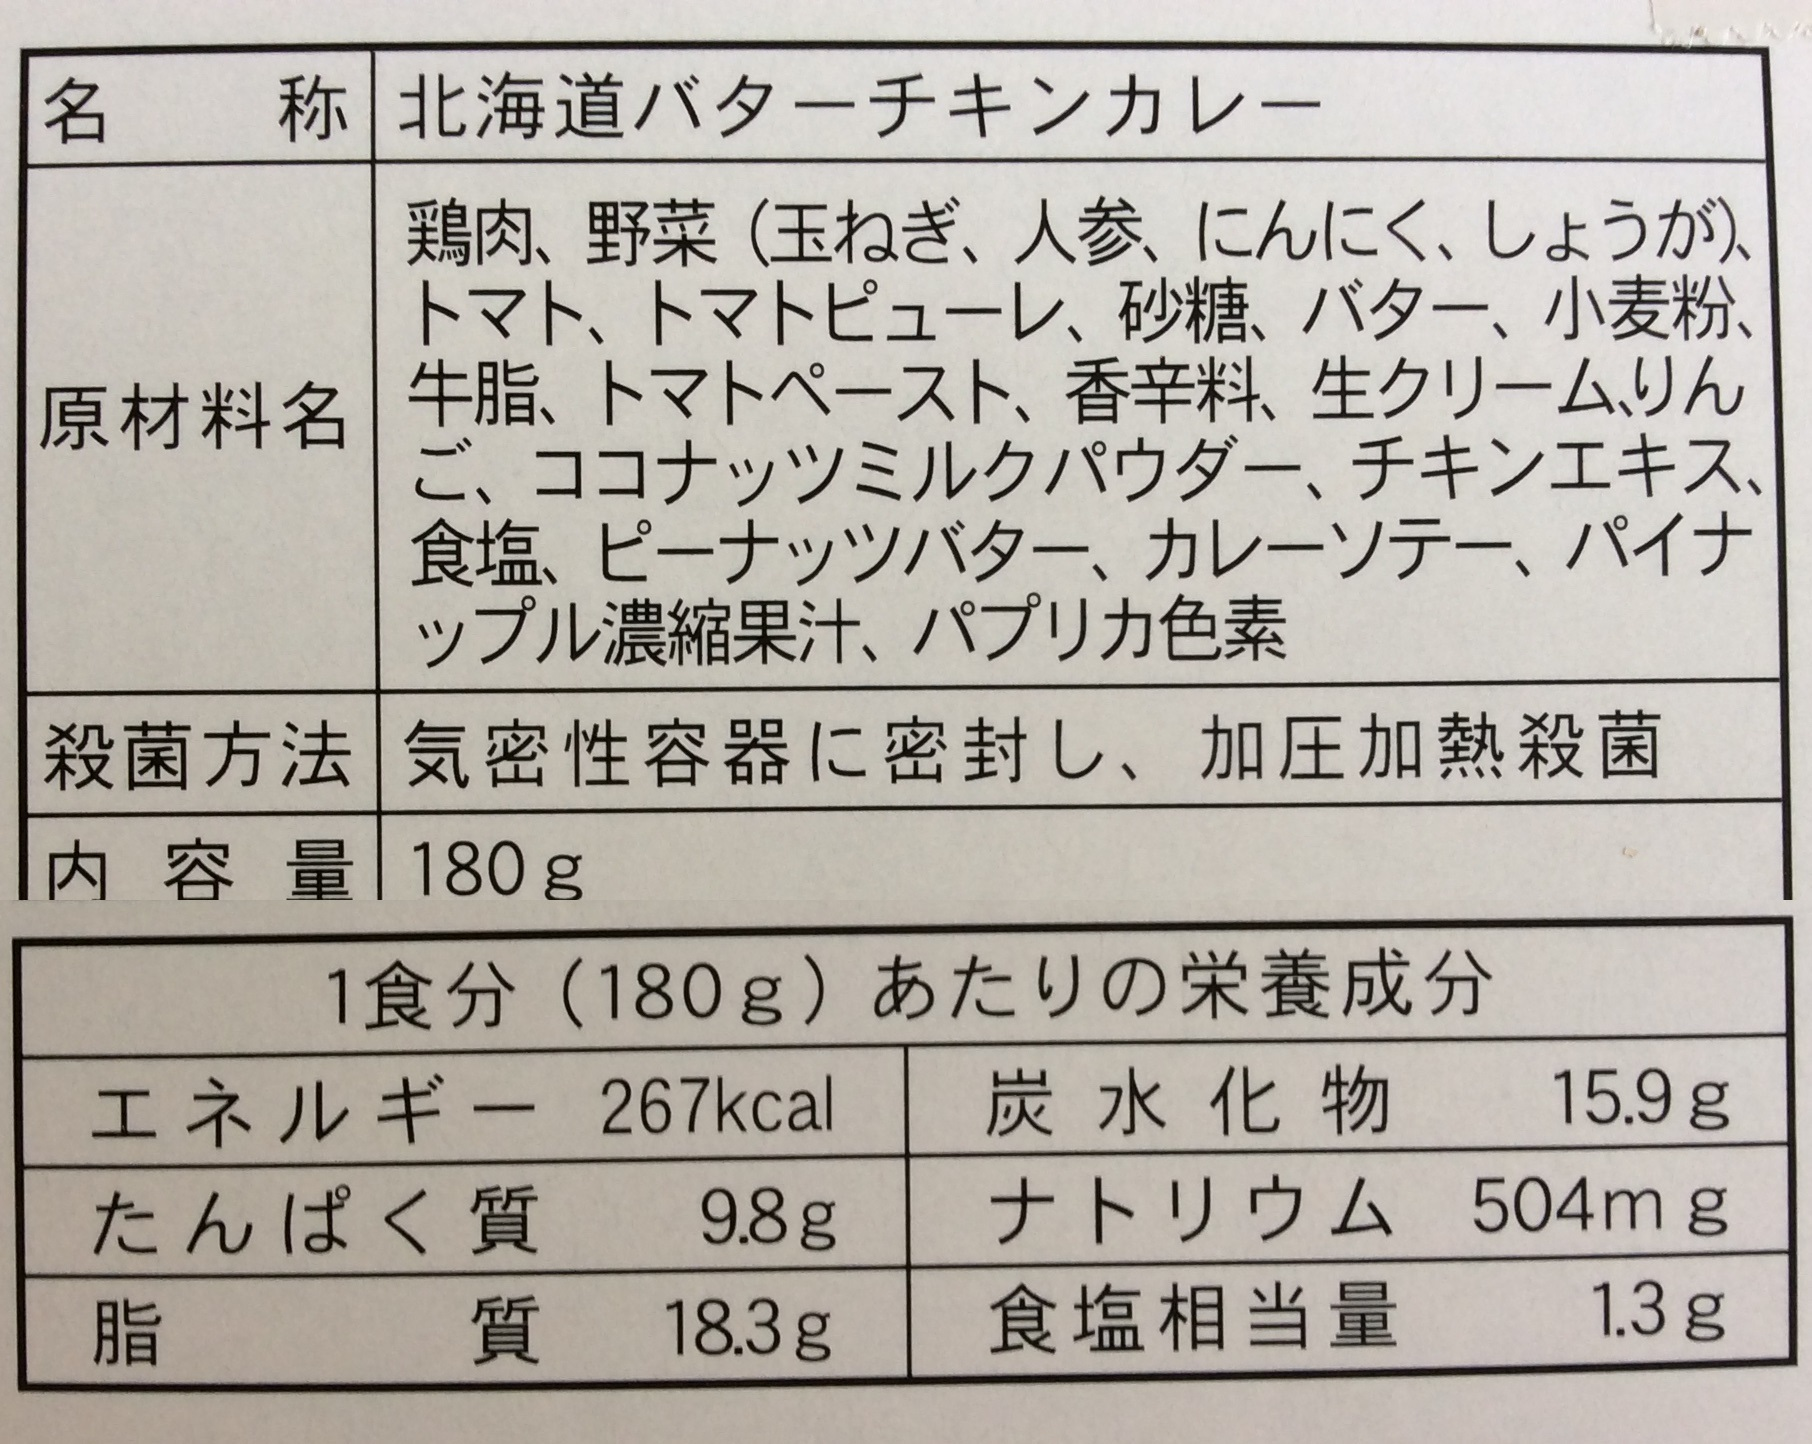 23C9A64B-8EBD-4002-9349-8F37C0A2DF44.jpeg